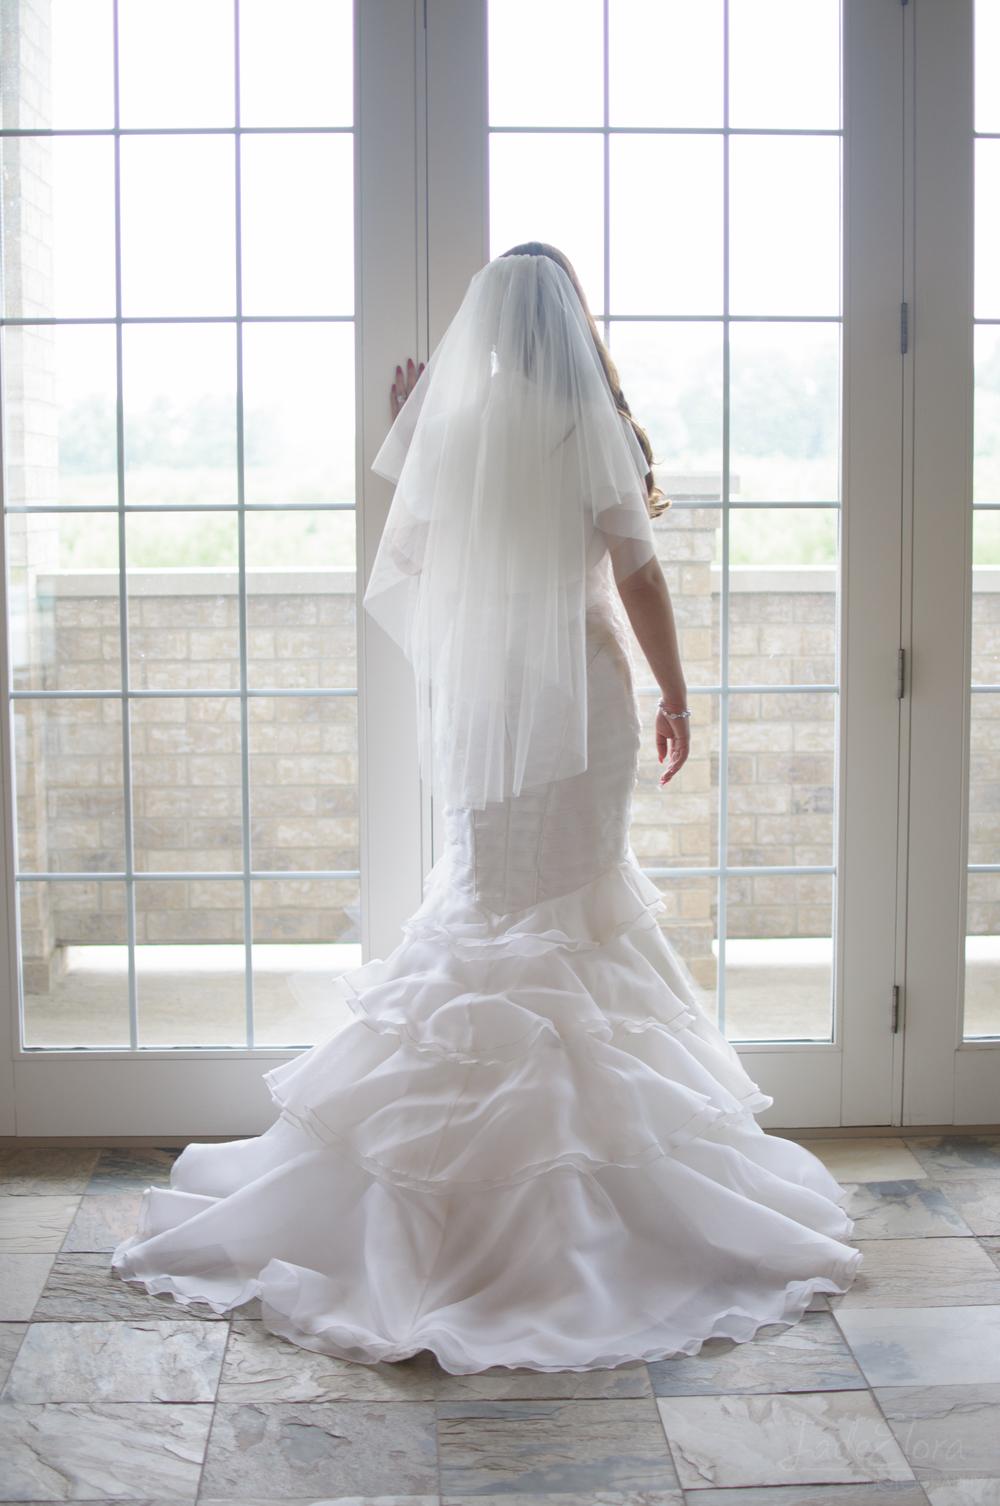 Bride in Mermaid Dress Looking Out Window